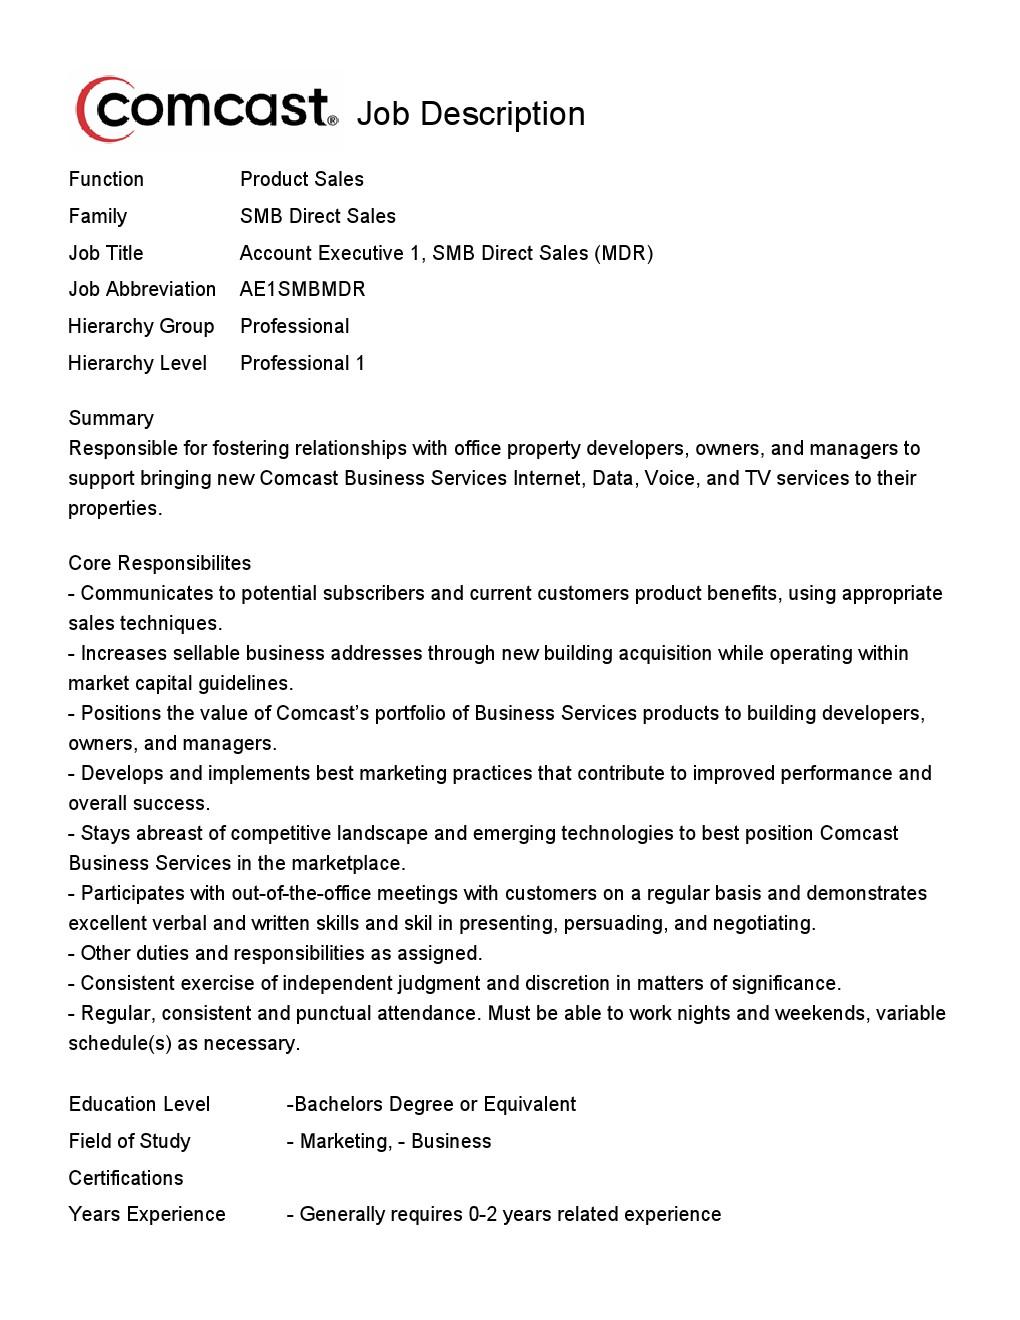 www comcast jobs com all jobs acct exec 1 smb direct mdr 134116